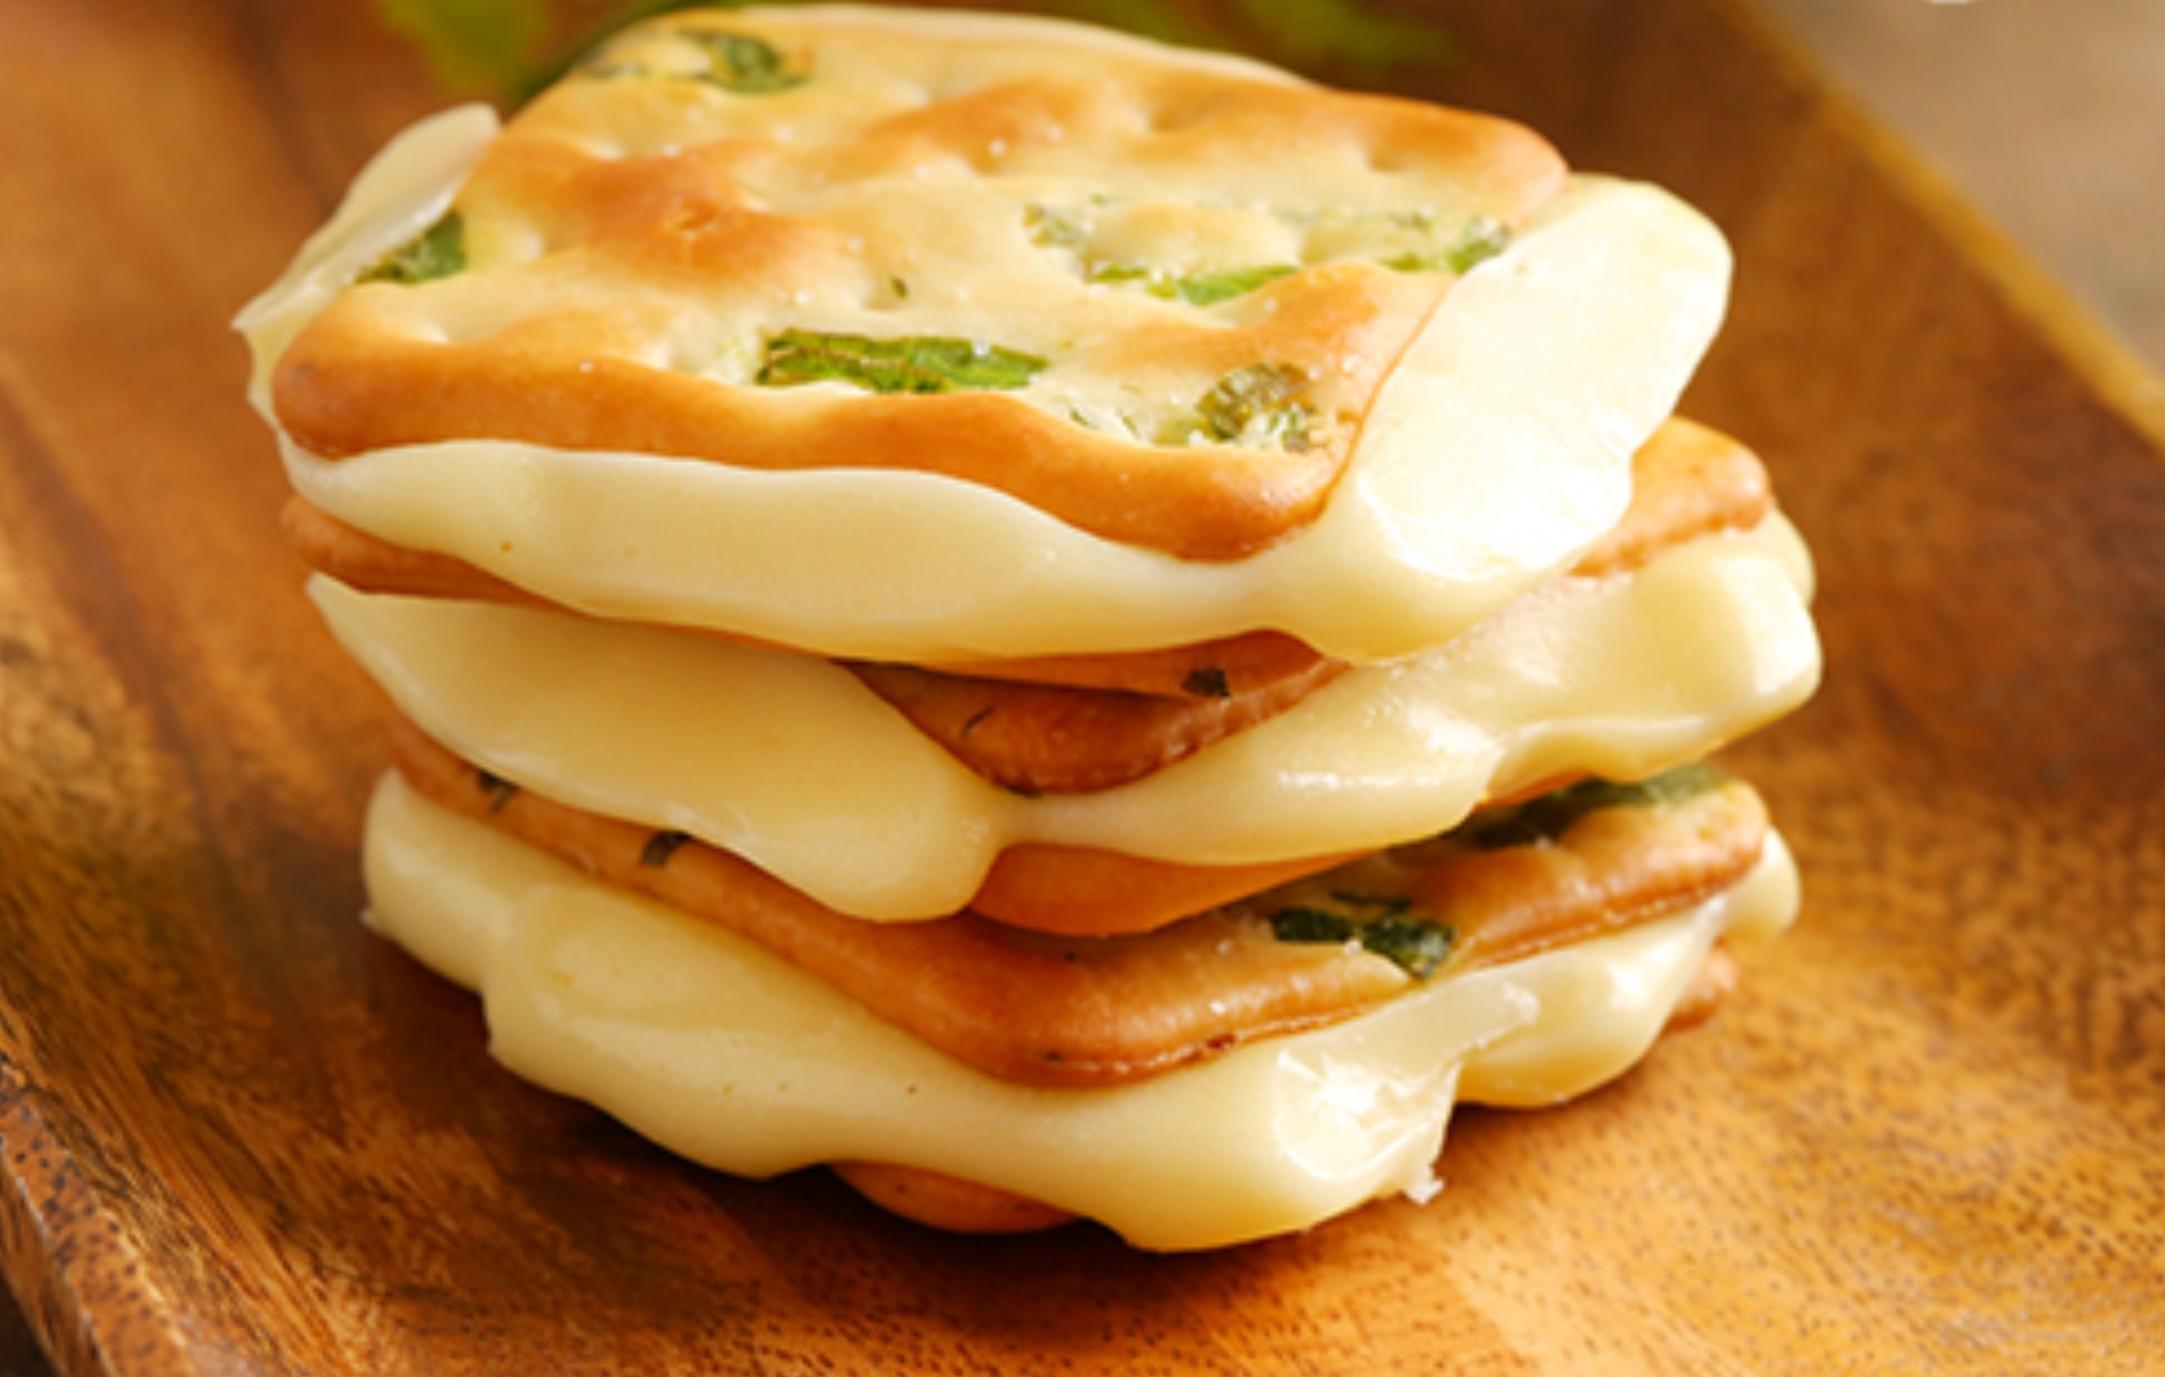 【蘿蒂烘焙坊】爆漿香酥厚實牛軋夾心餅(低糖/低熱量)(可備註加購手提紙袋2元)(任選20贈1)